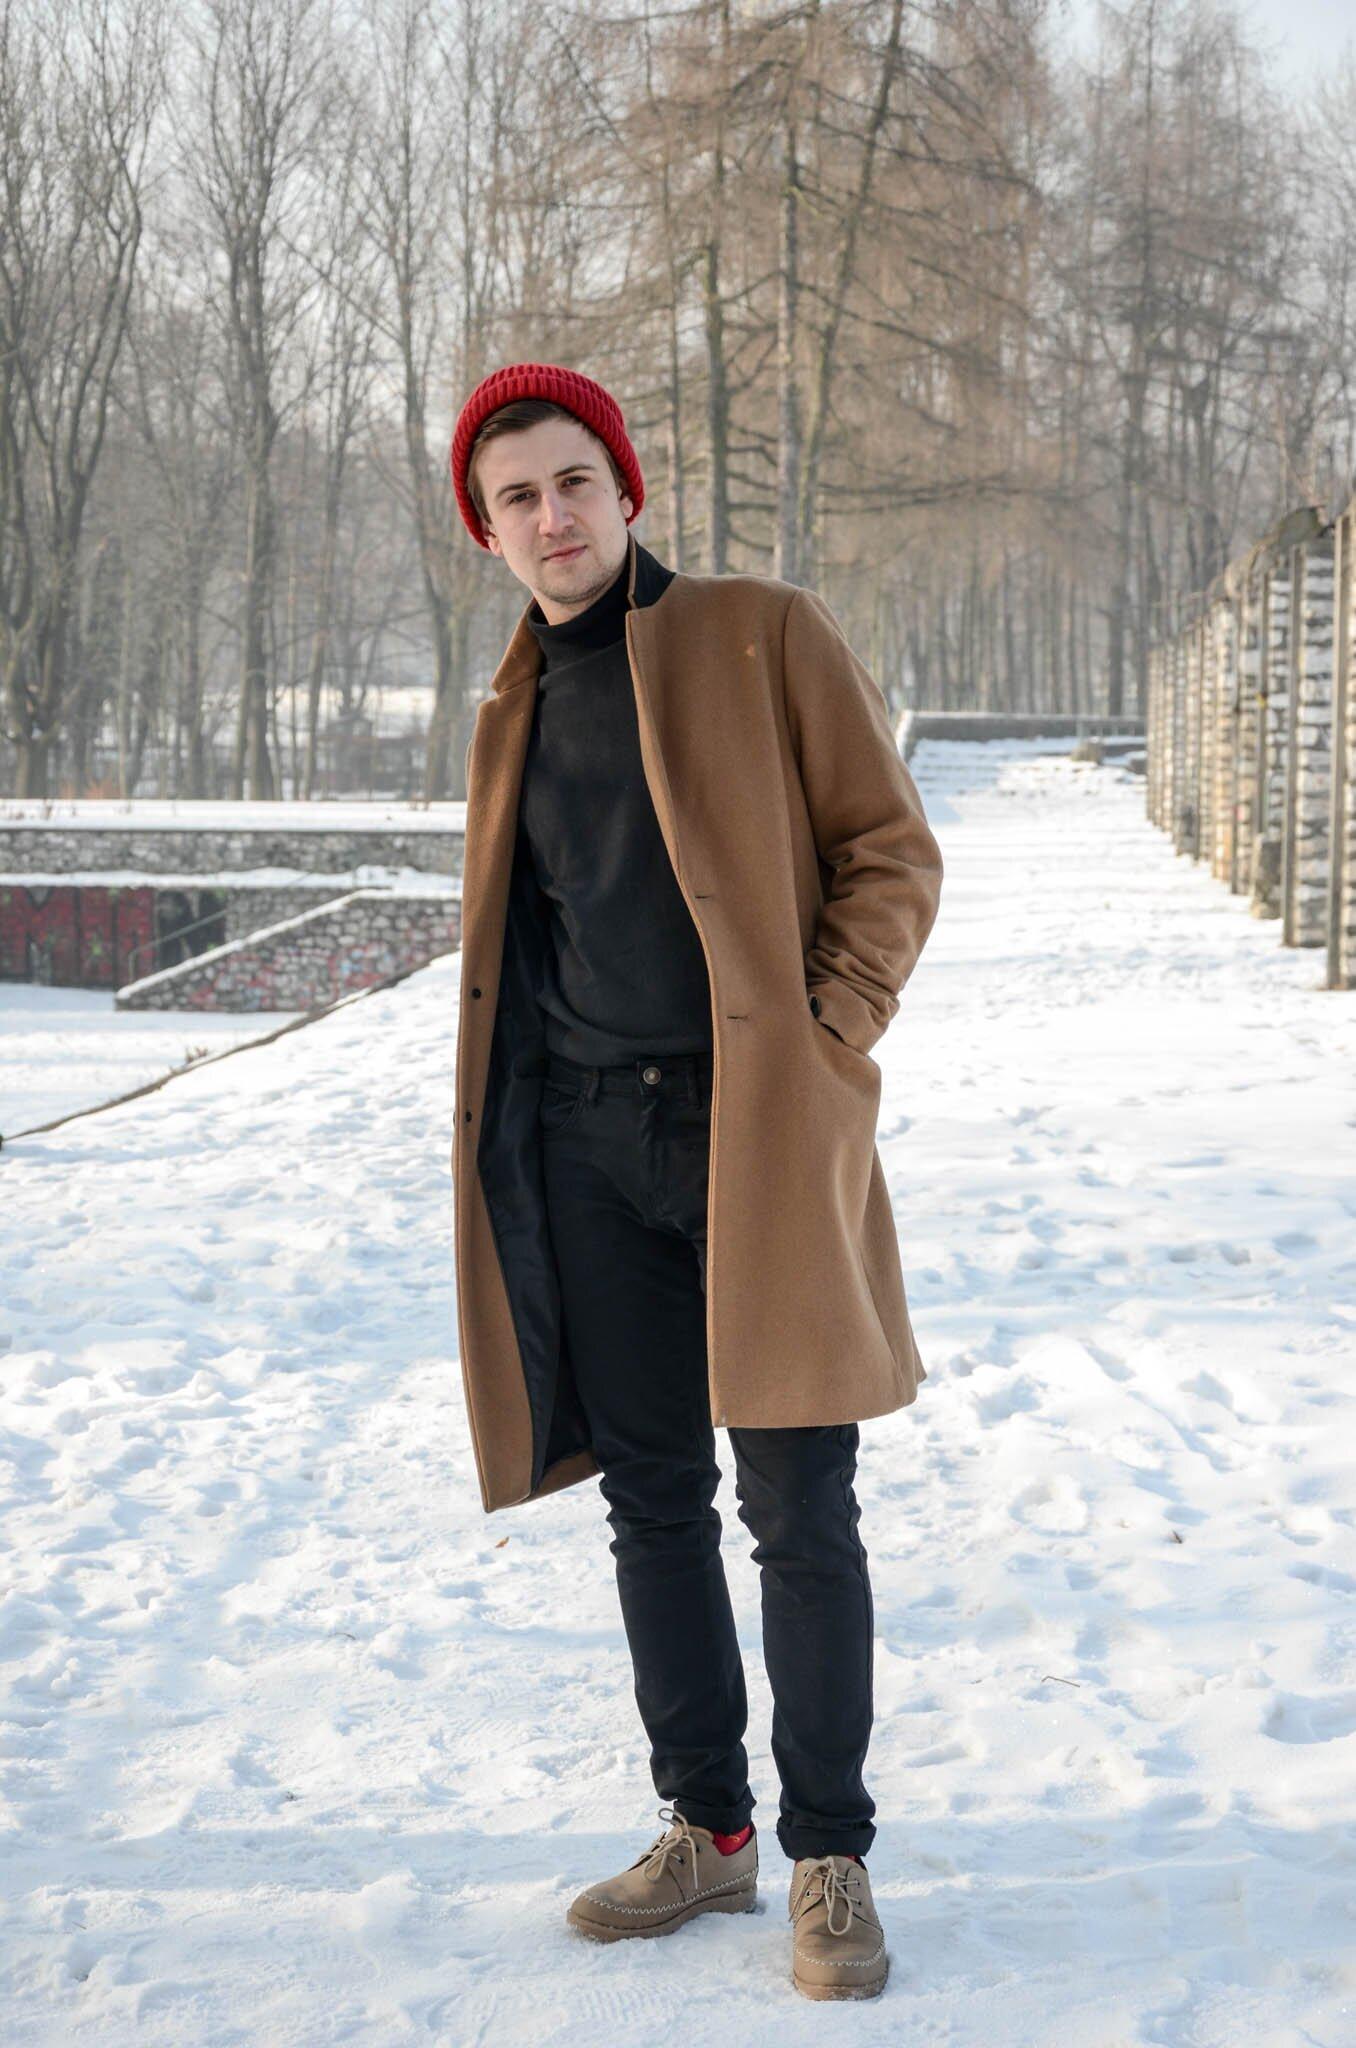 Zimowy outfit, Męska moda zimą, Jak powinien ubierać się mężczyzna zimą